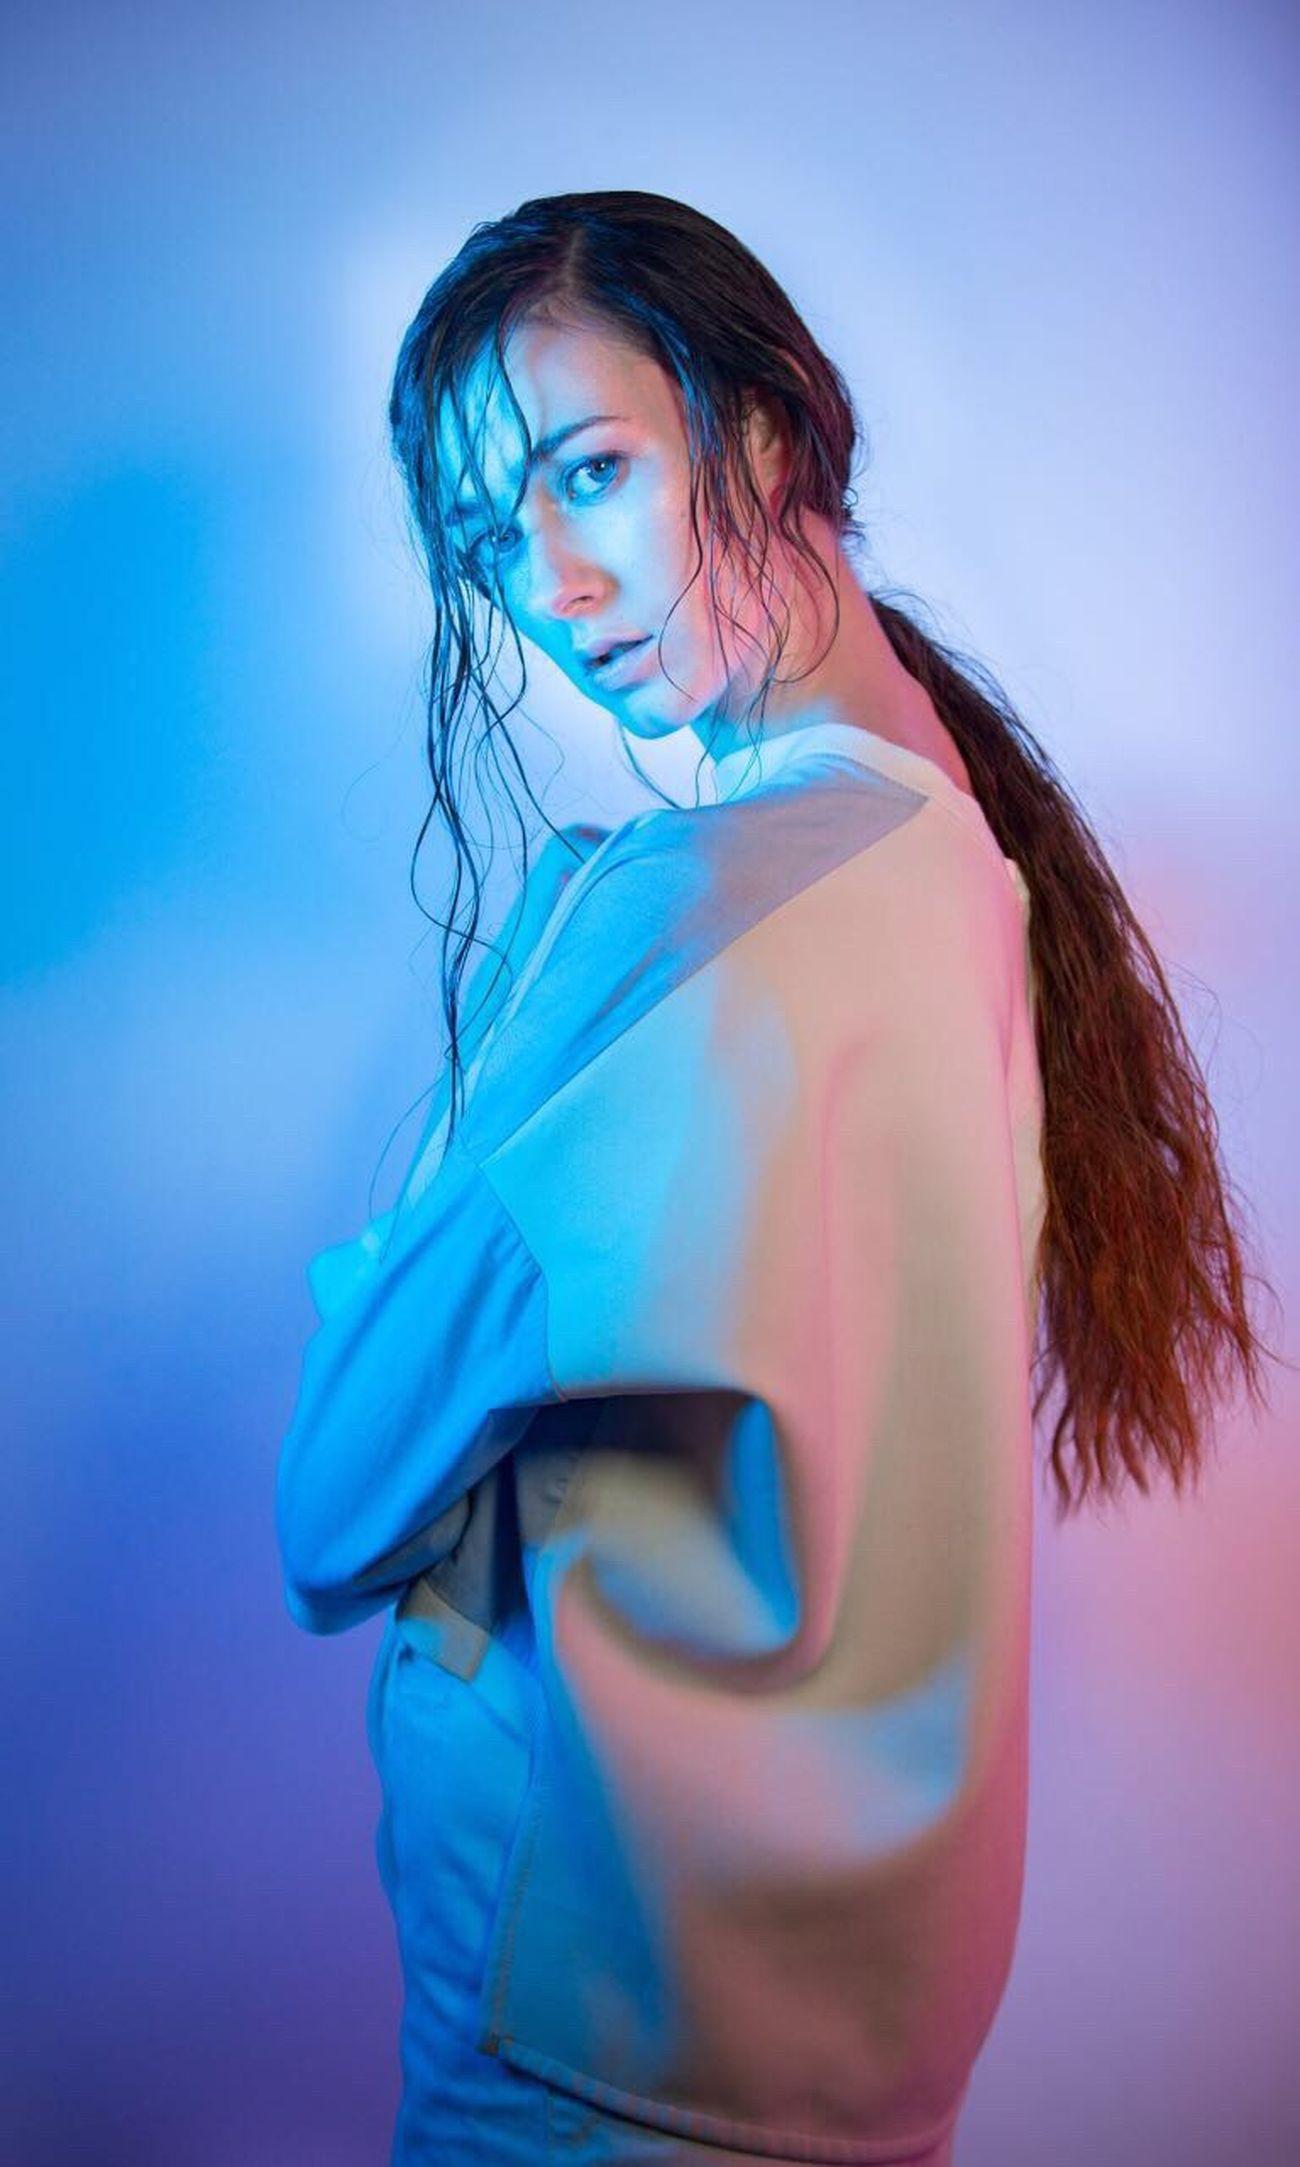 Model Neon Colourpop Fashion Beauty Odetograce This Week On Eyeem TheWeekOnEyeEM